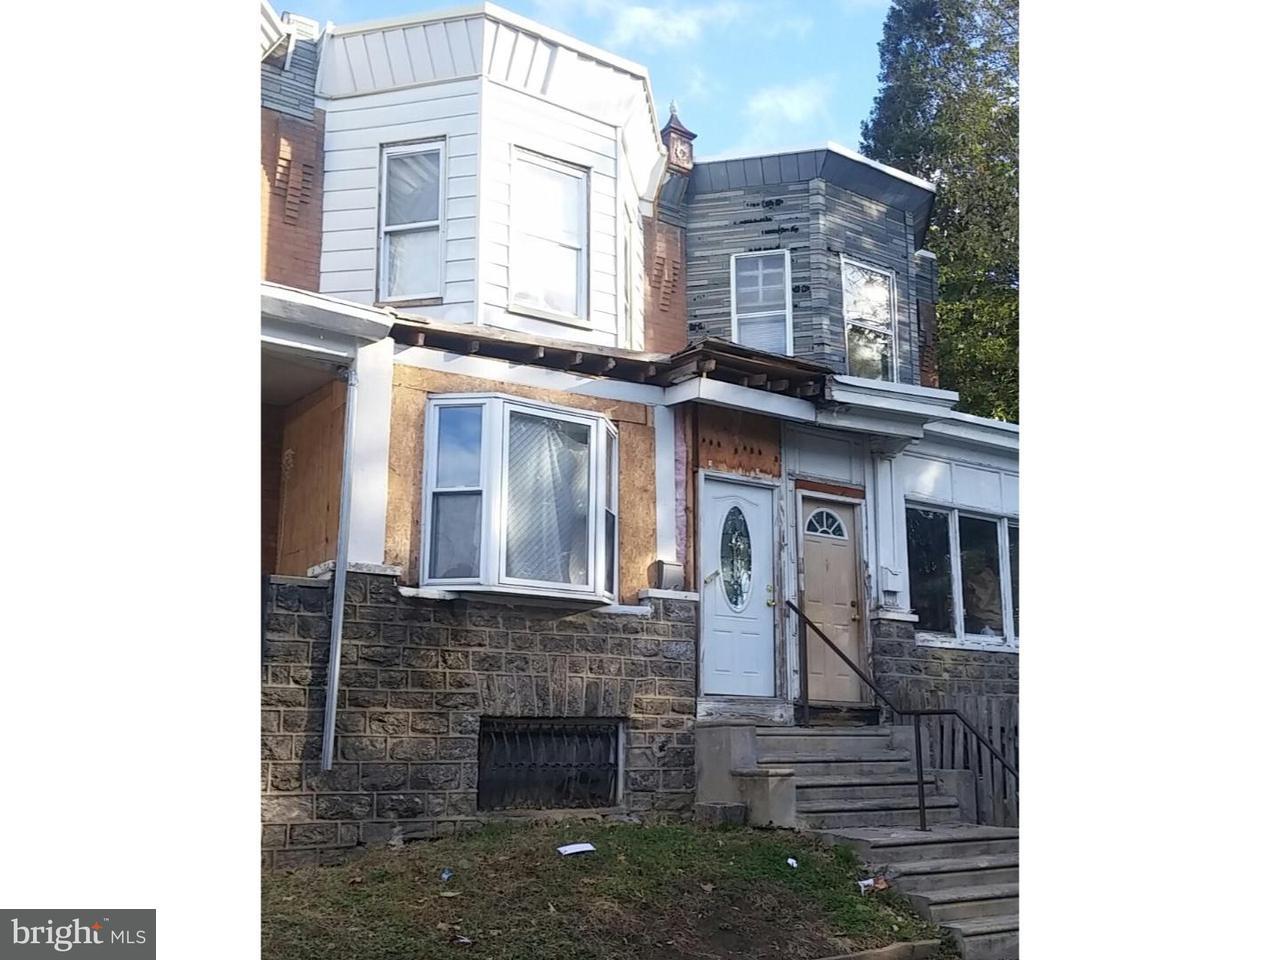 403 W Wellens Philadelphia , PA 19120